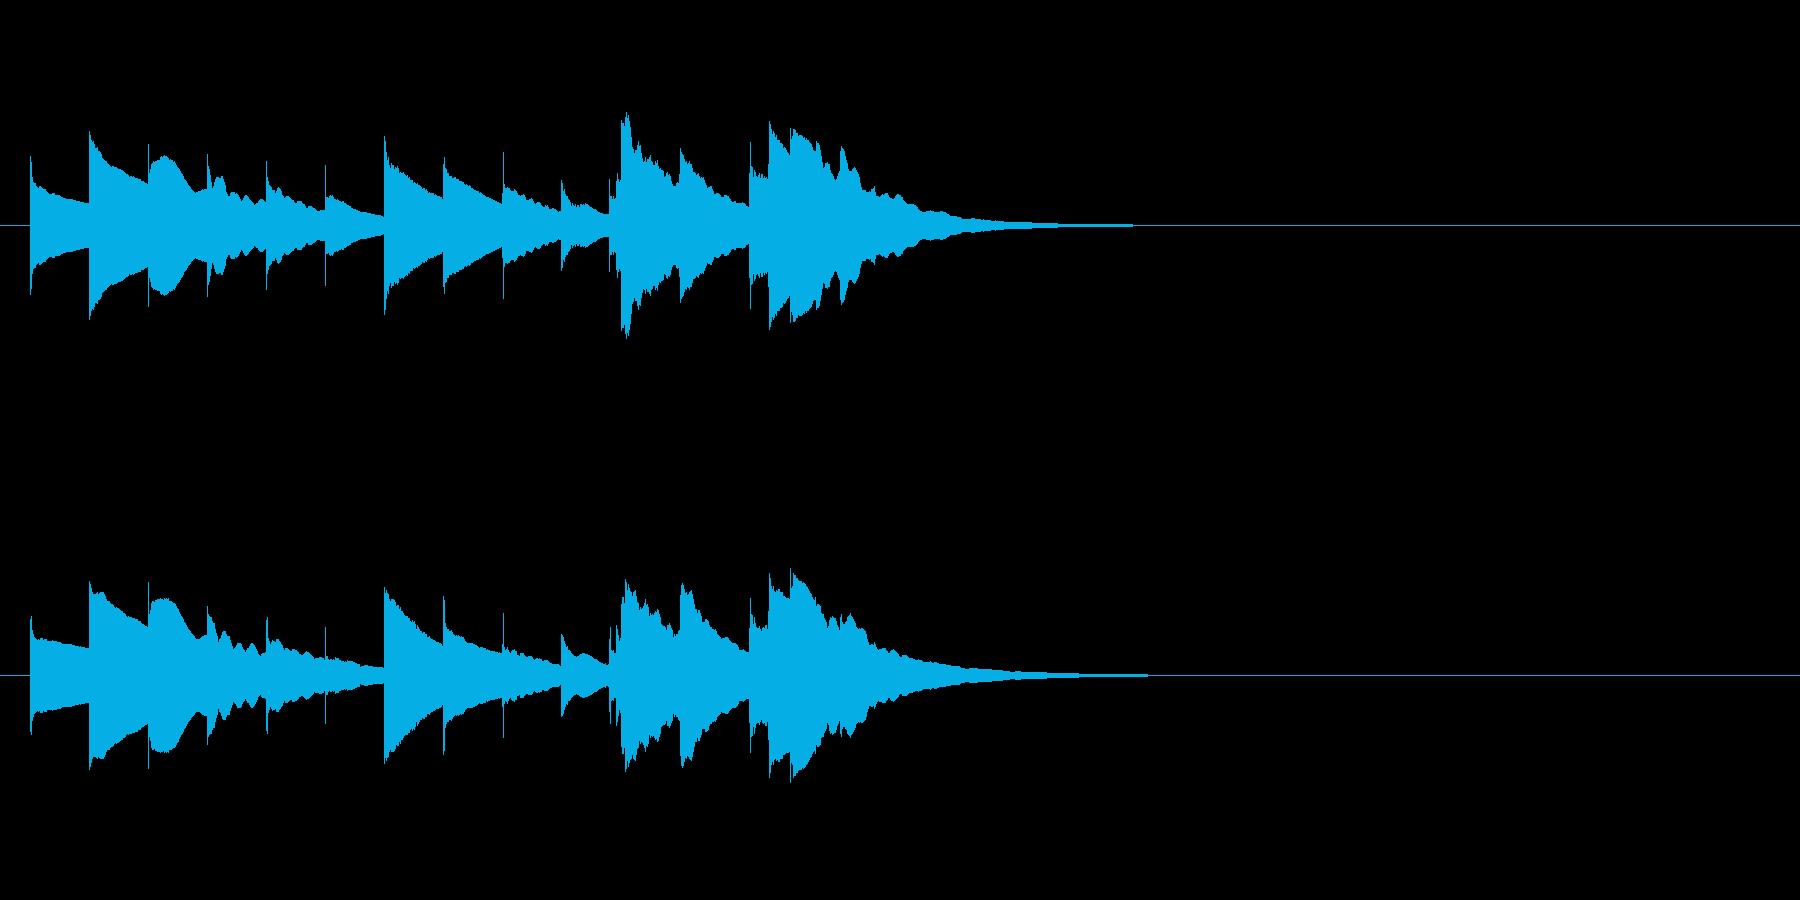 ほのぼのまったり短めオルゴールジングルの再生済みの波形